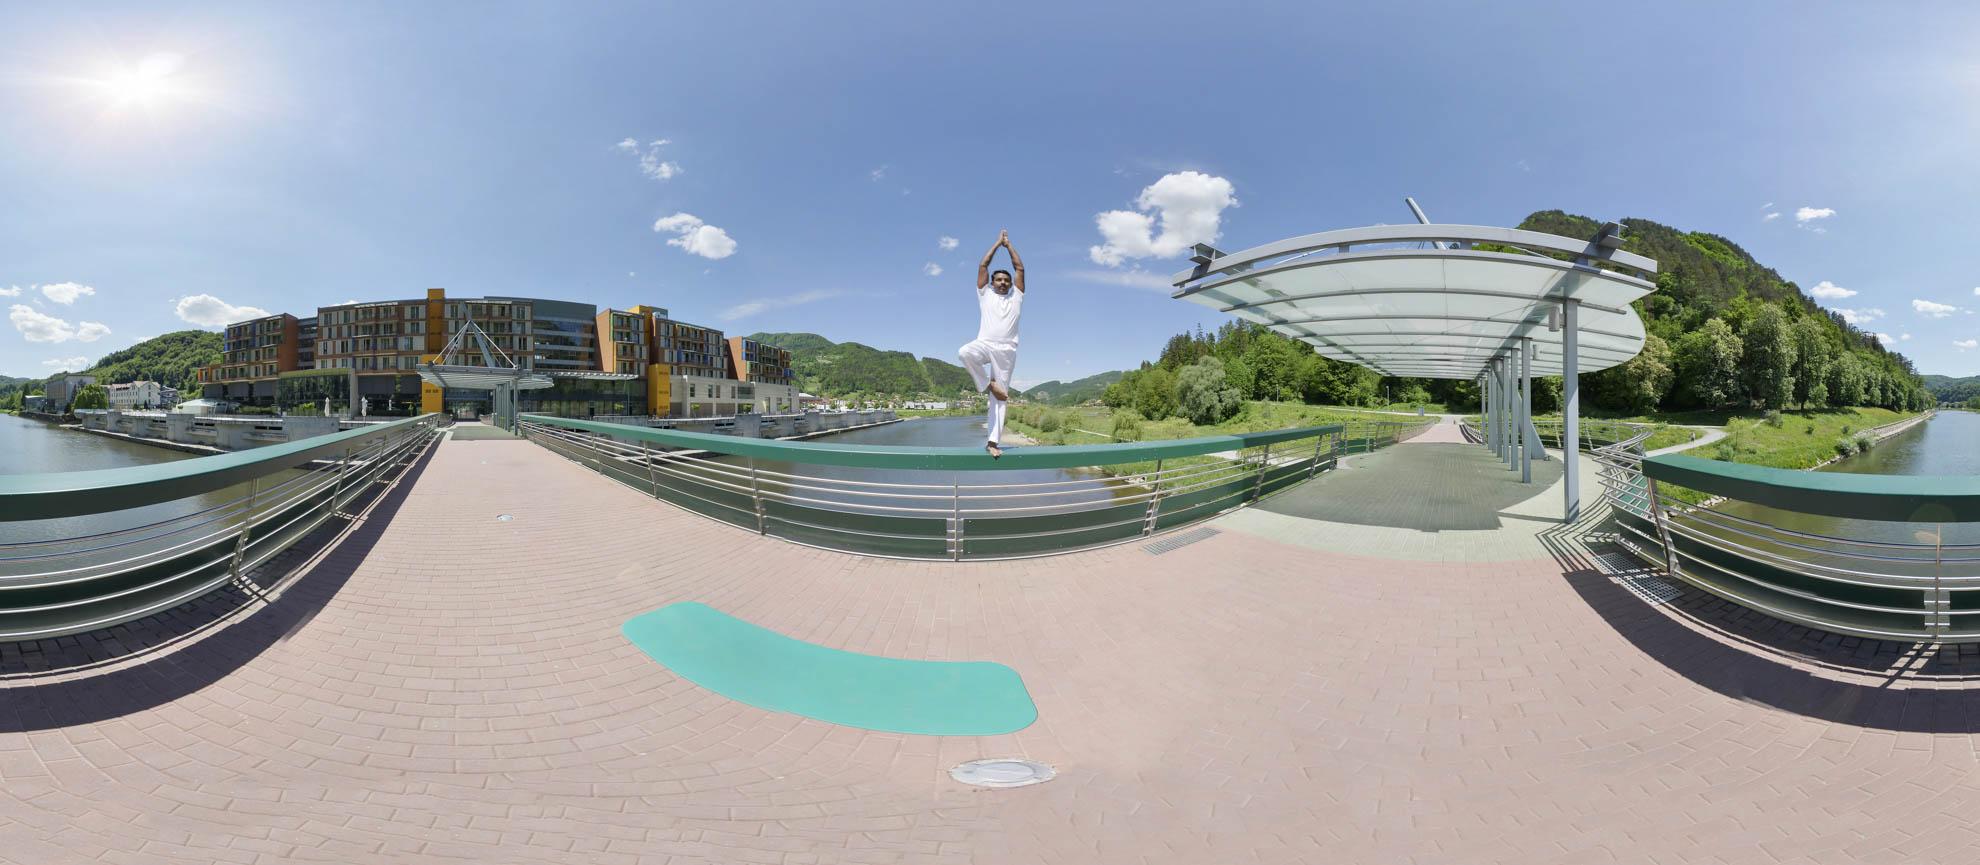 Fotografi tour virtuali a 360 gradi